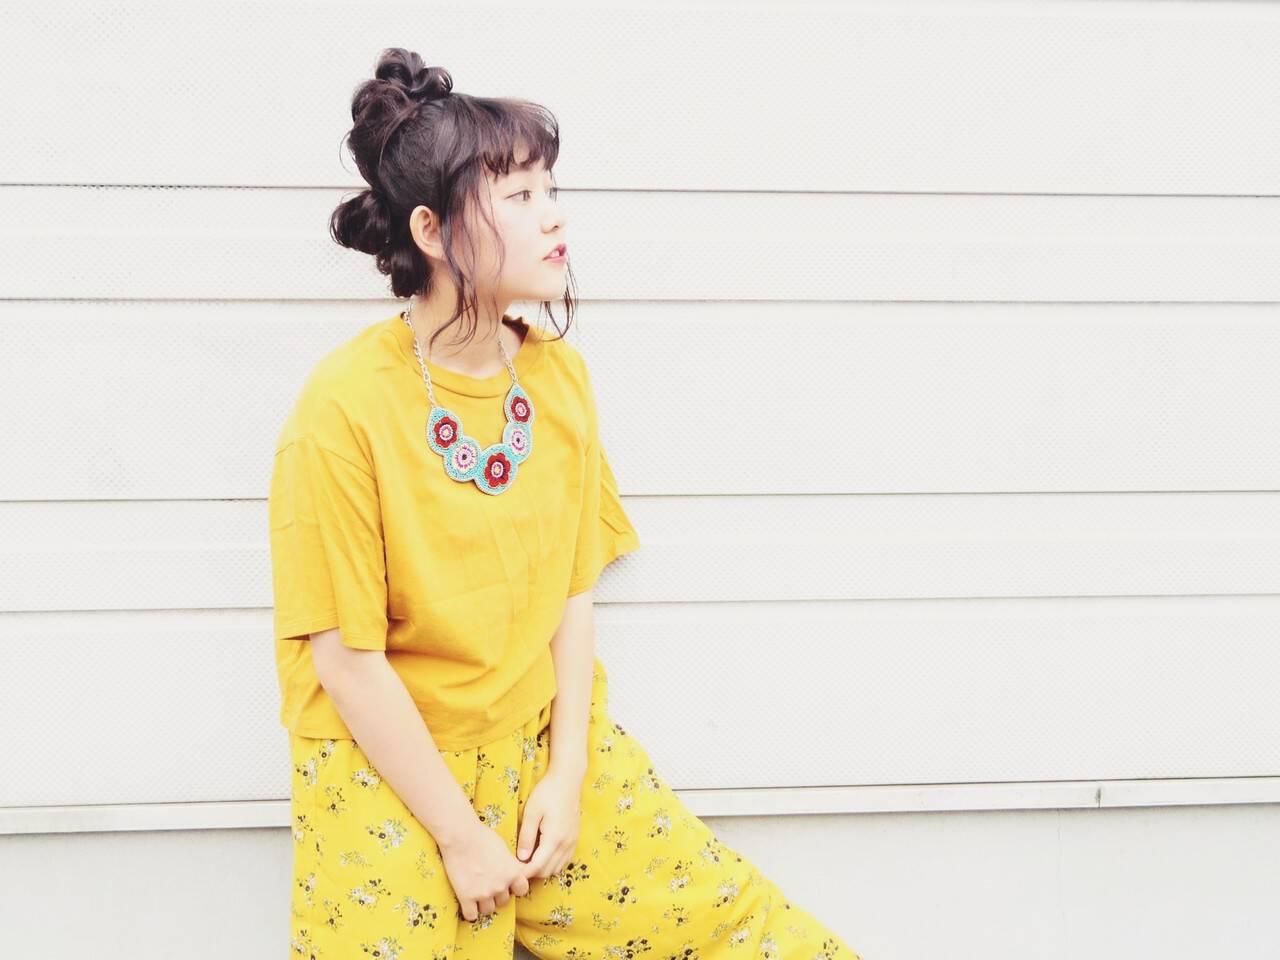 夏 お団子 ヘアアレンジ 簡単ヘアアレンジヘアスタイルや髪型の写真・画像